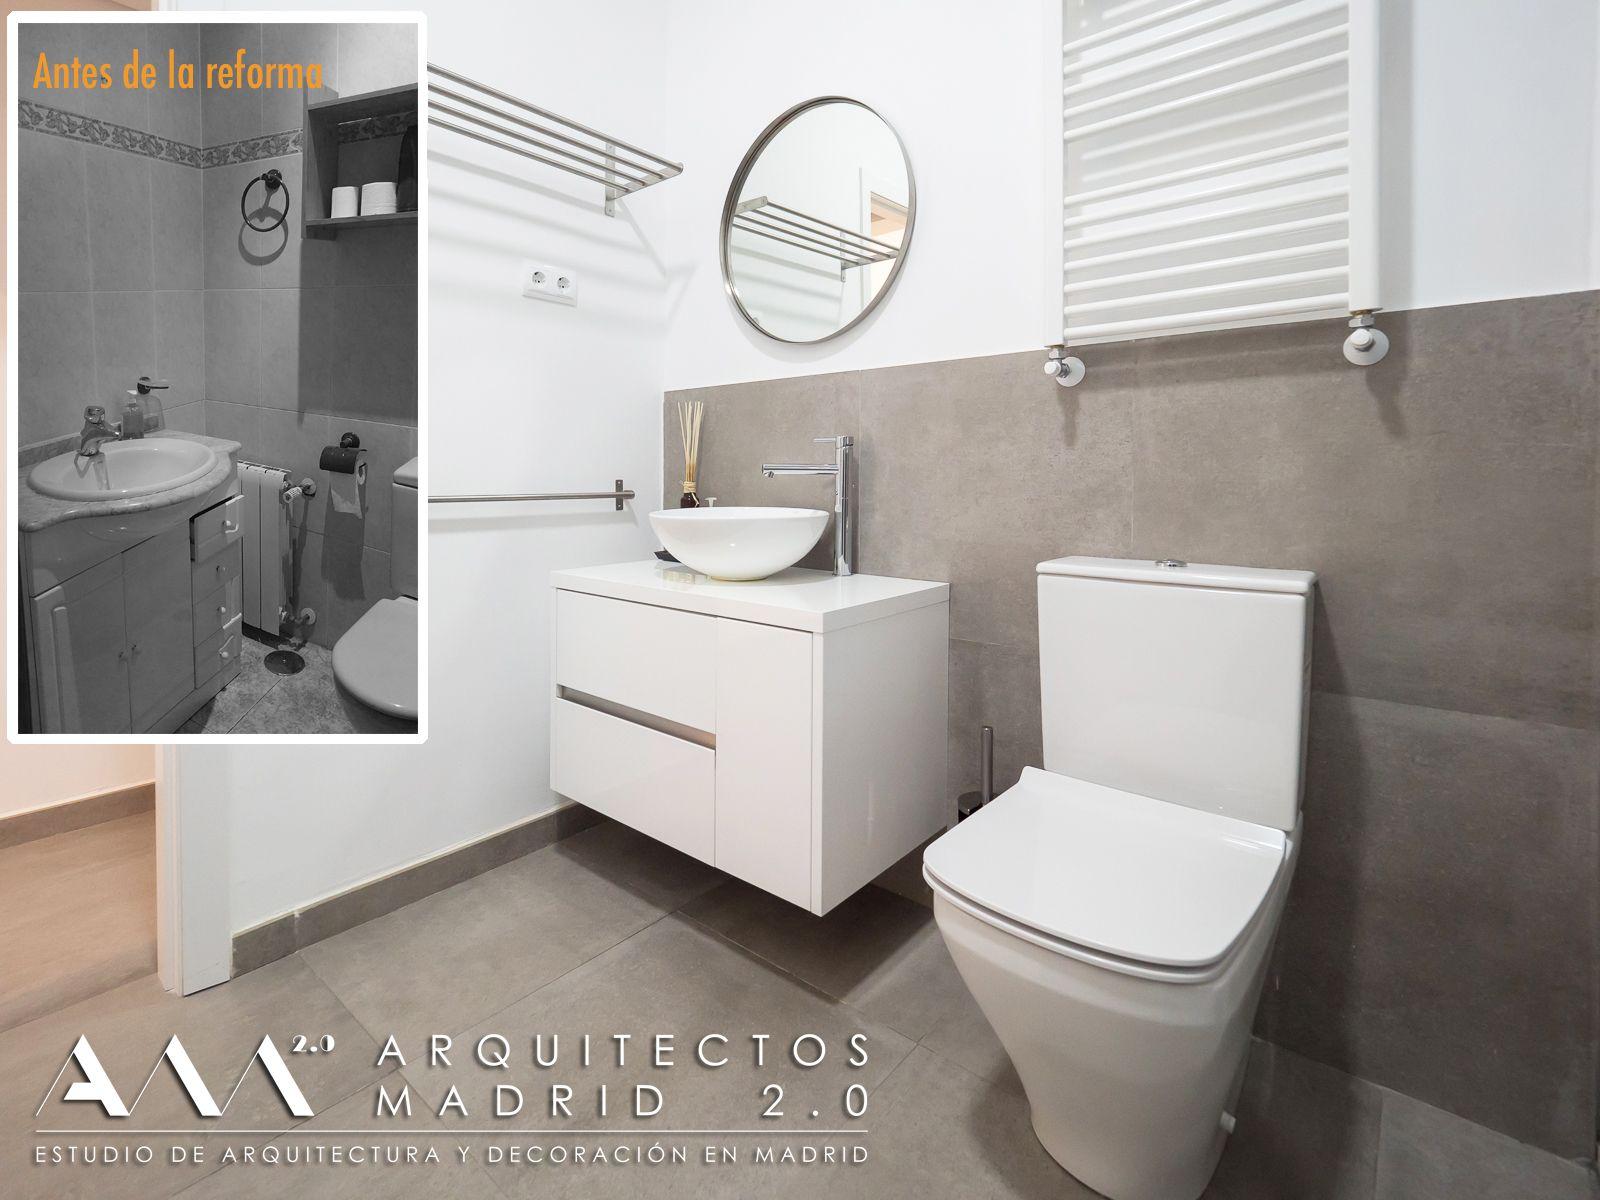 sanitarios inodoro mueble ba o lavabo suspendido para